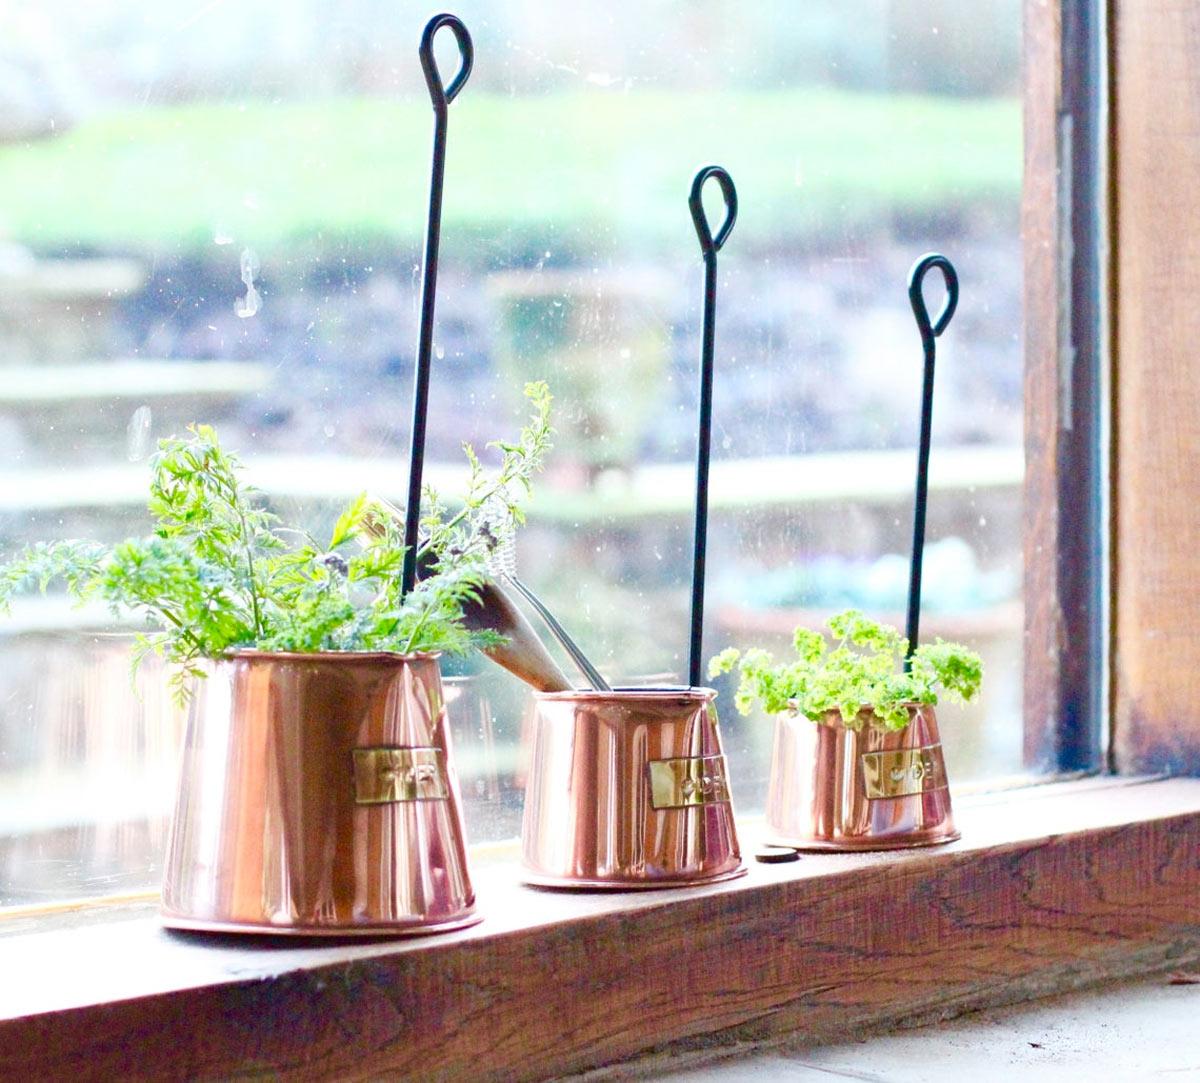 Vasetti in rame con piante aromatiche sul bordo di una finestra.